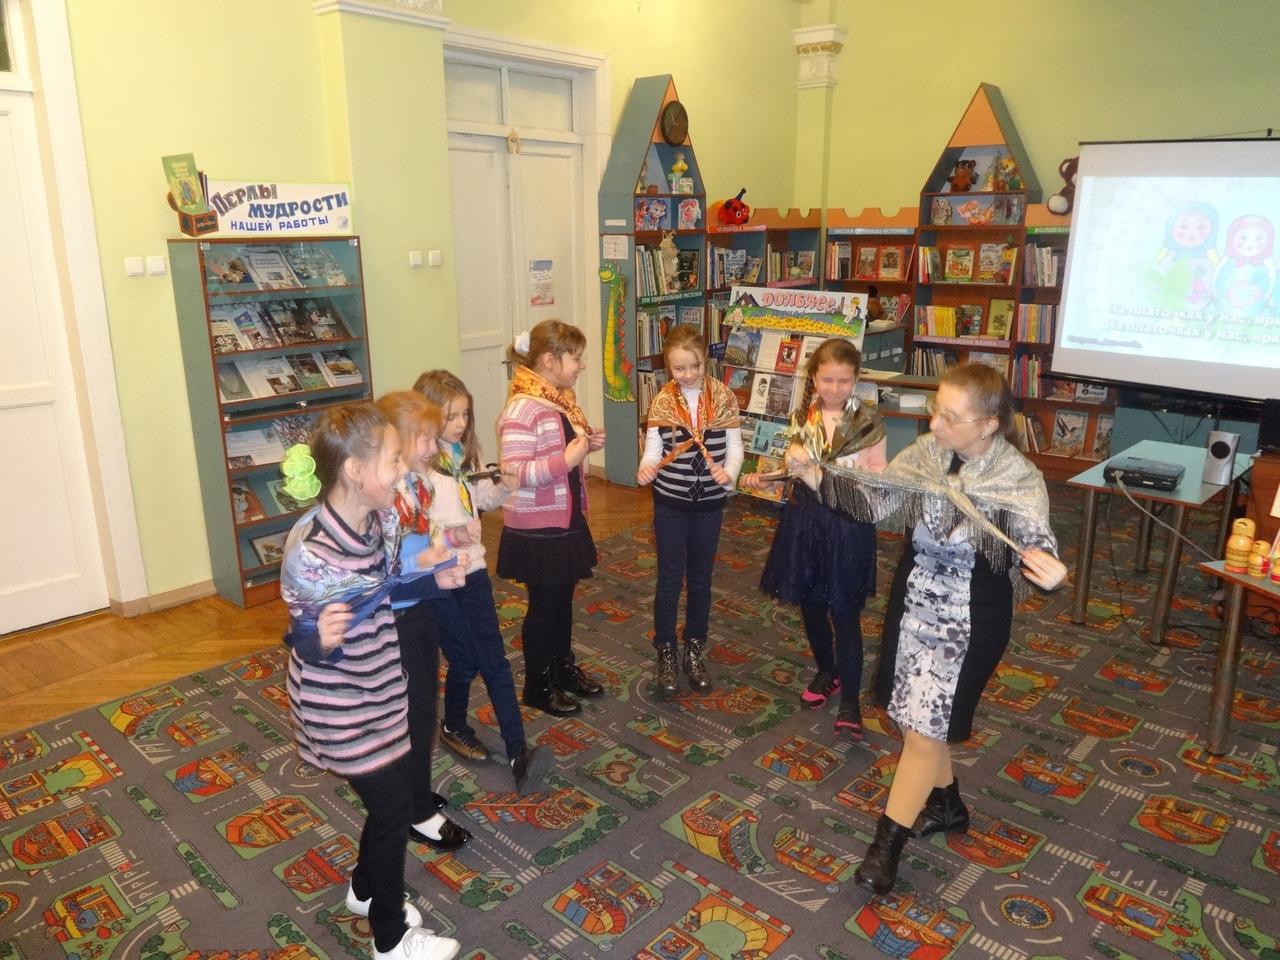 донецкая республиканская библиотека для детей, отдел обслуживания дошкольников и учащихся 1-4 классов,  с библиотекой интересно